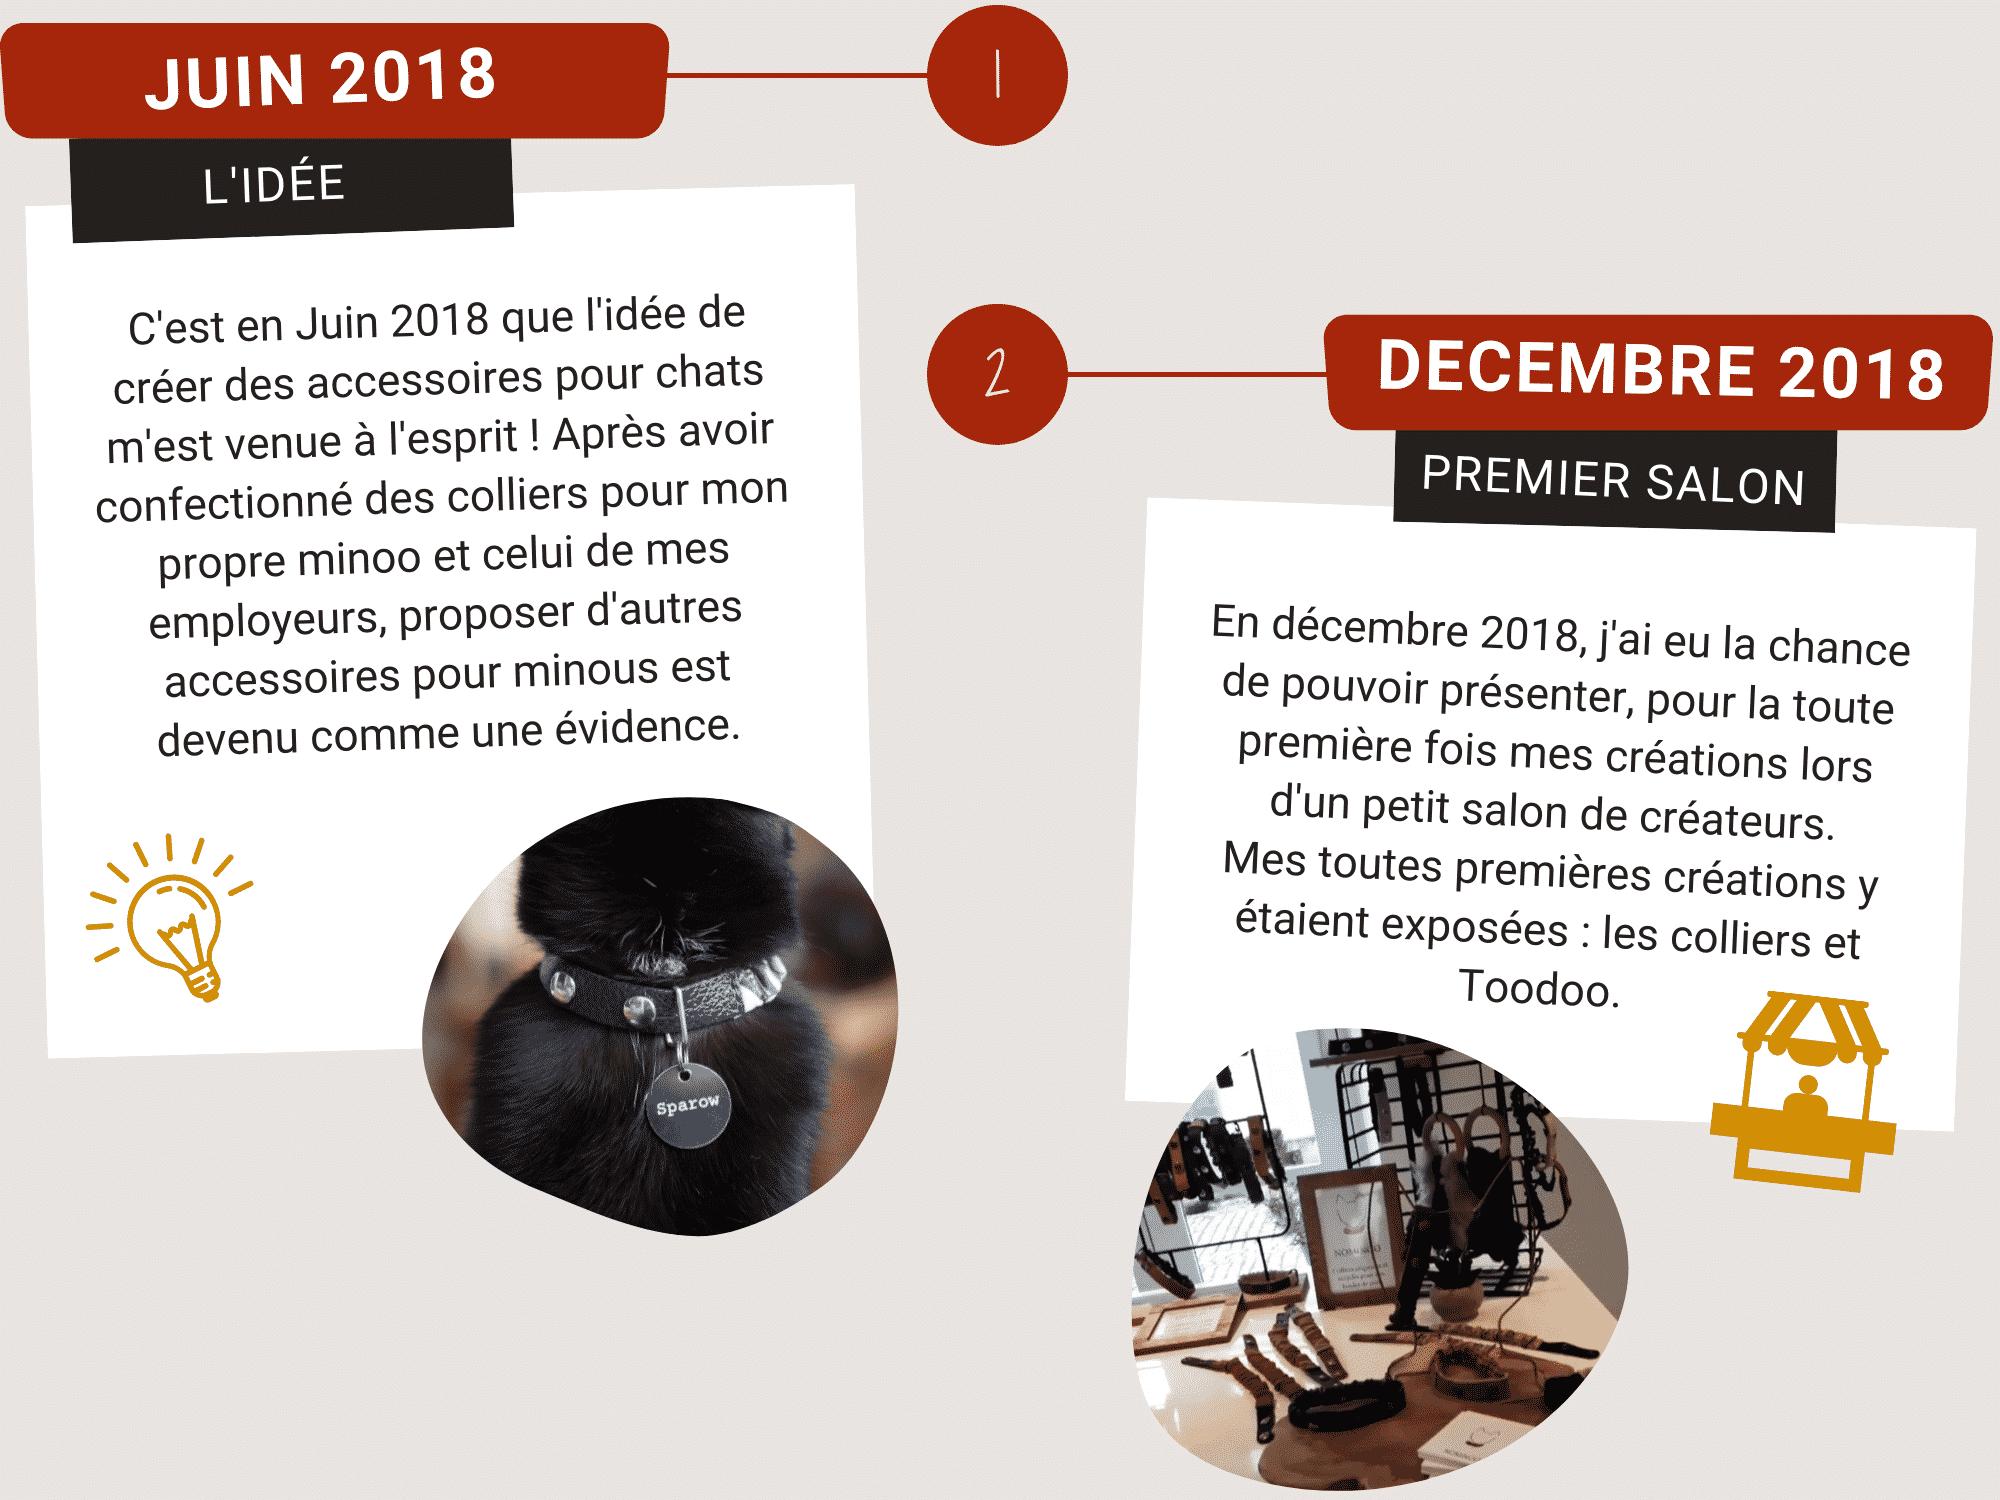 A propos de Nominoo en Juin 2018 et décembre 2018. L'idée de Nominoo est née. Premier salon de créateurs pour exposer les créations Nominoo.